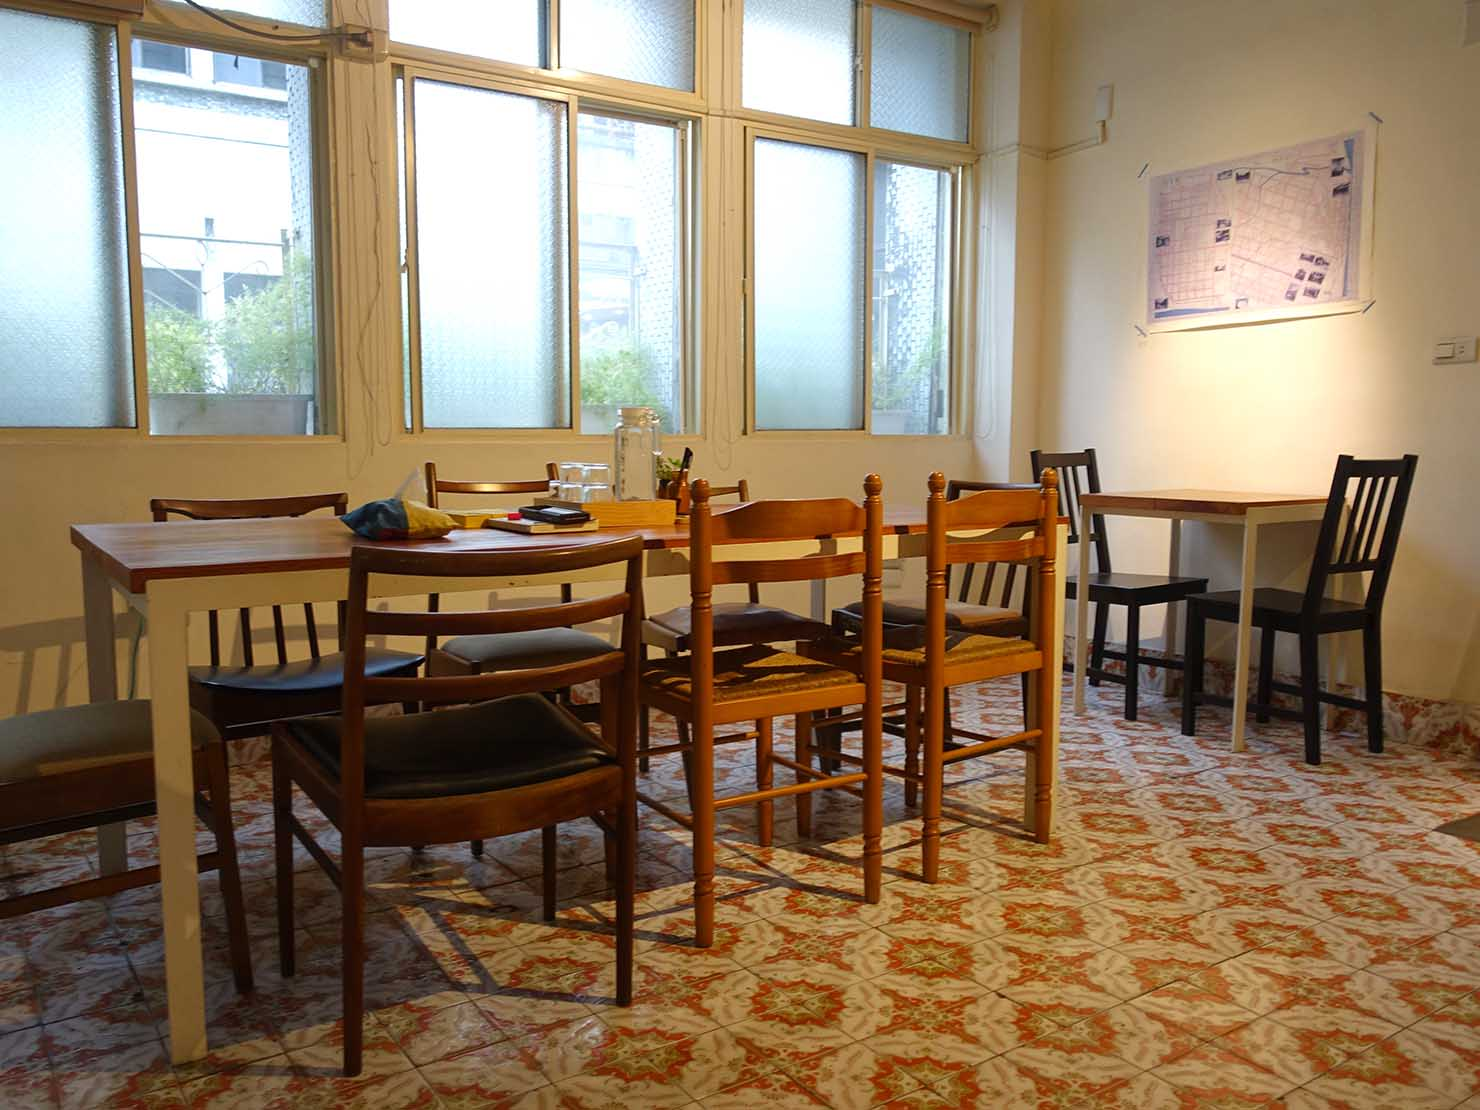 花蓮市街中心部のレトロかわいいおすすめゲストハウス「花蓮日日 Hualien dairy」のダイニングスペース